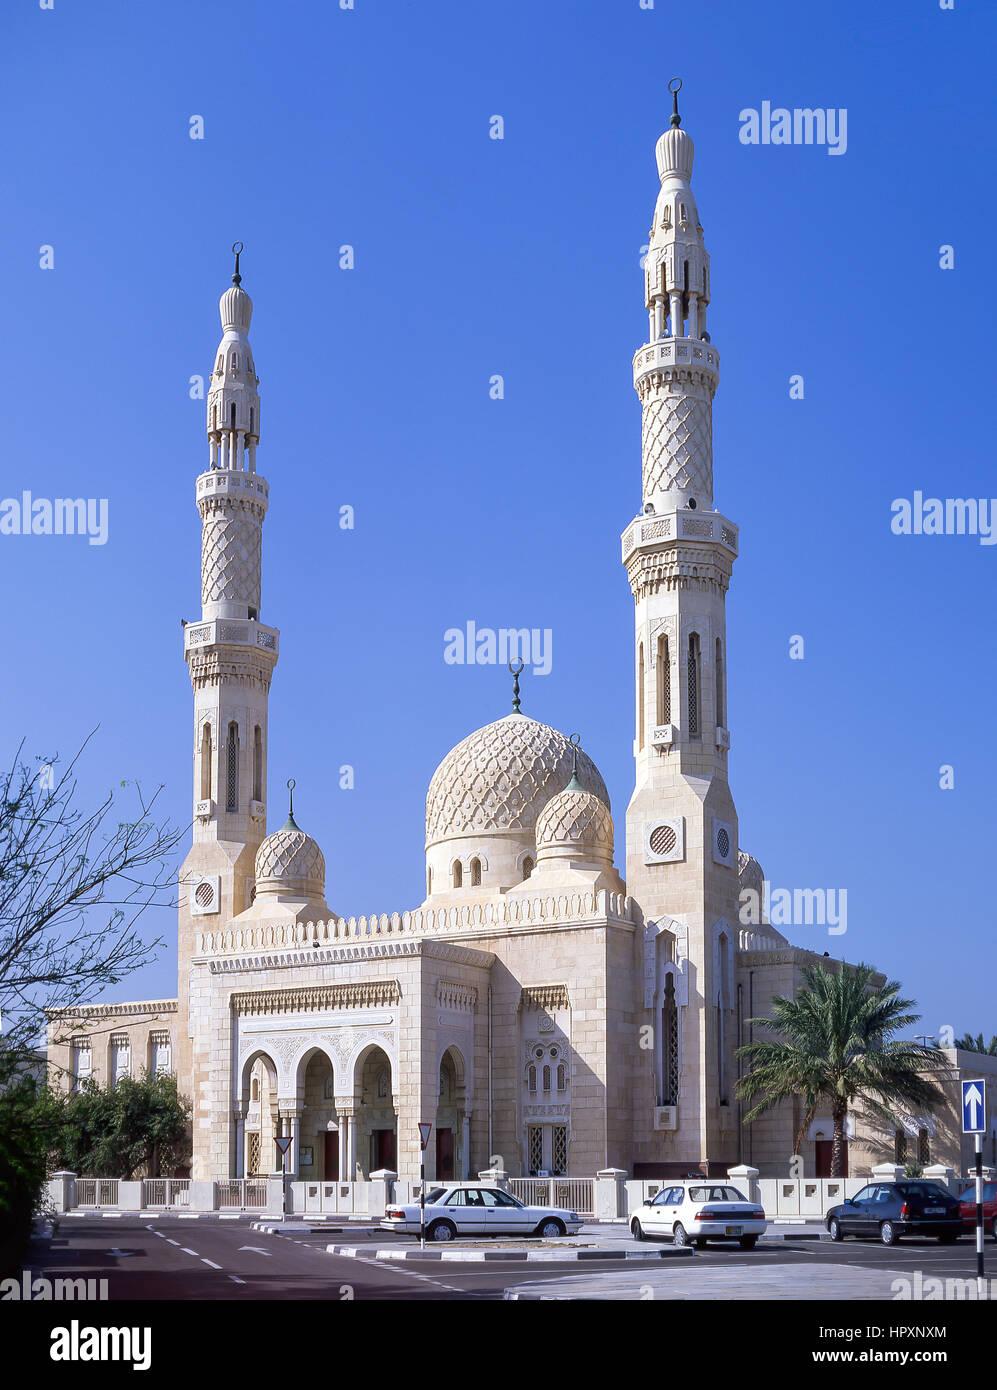 Jumeirah Moschee, Al-Jumeirah Road, Jumeirah, Dubai, Vereinigte Arabische Emirate Stockbild